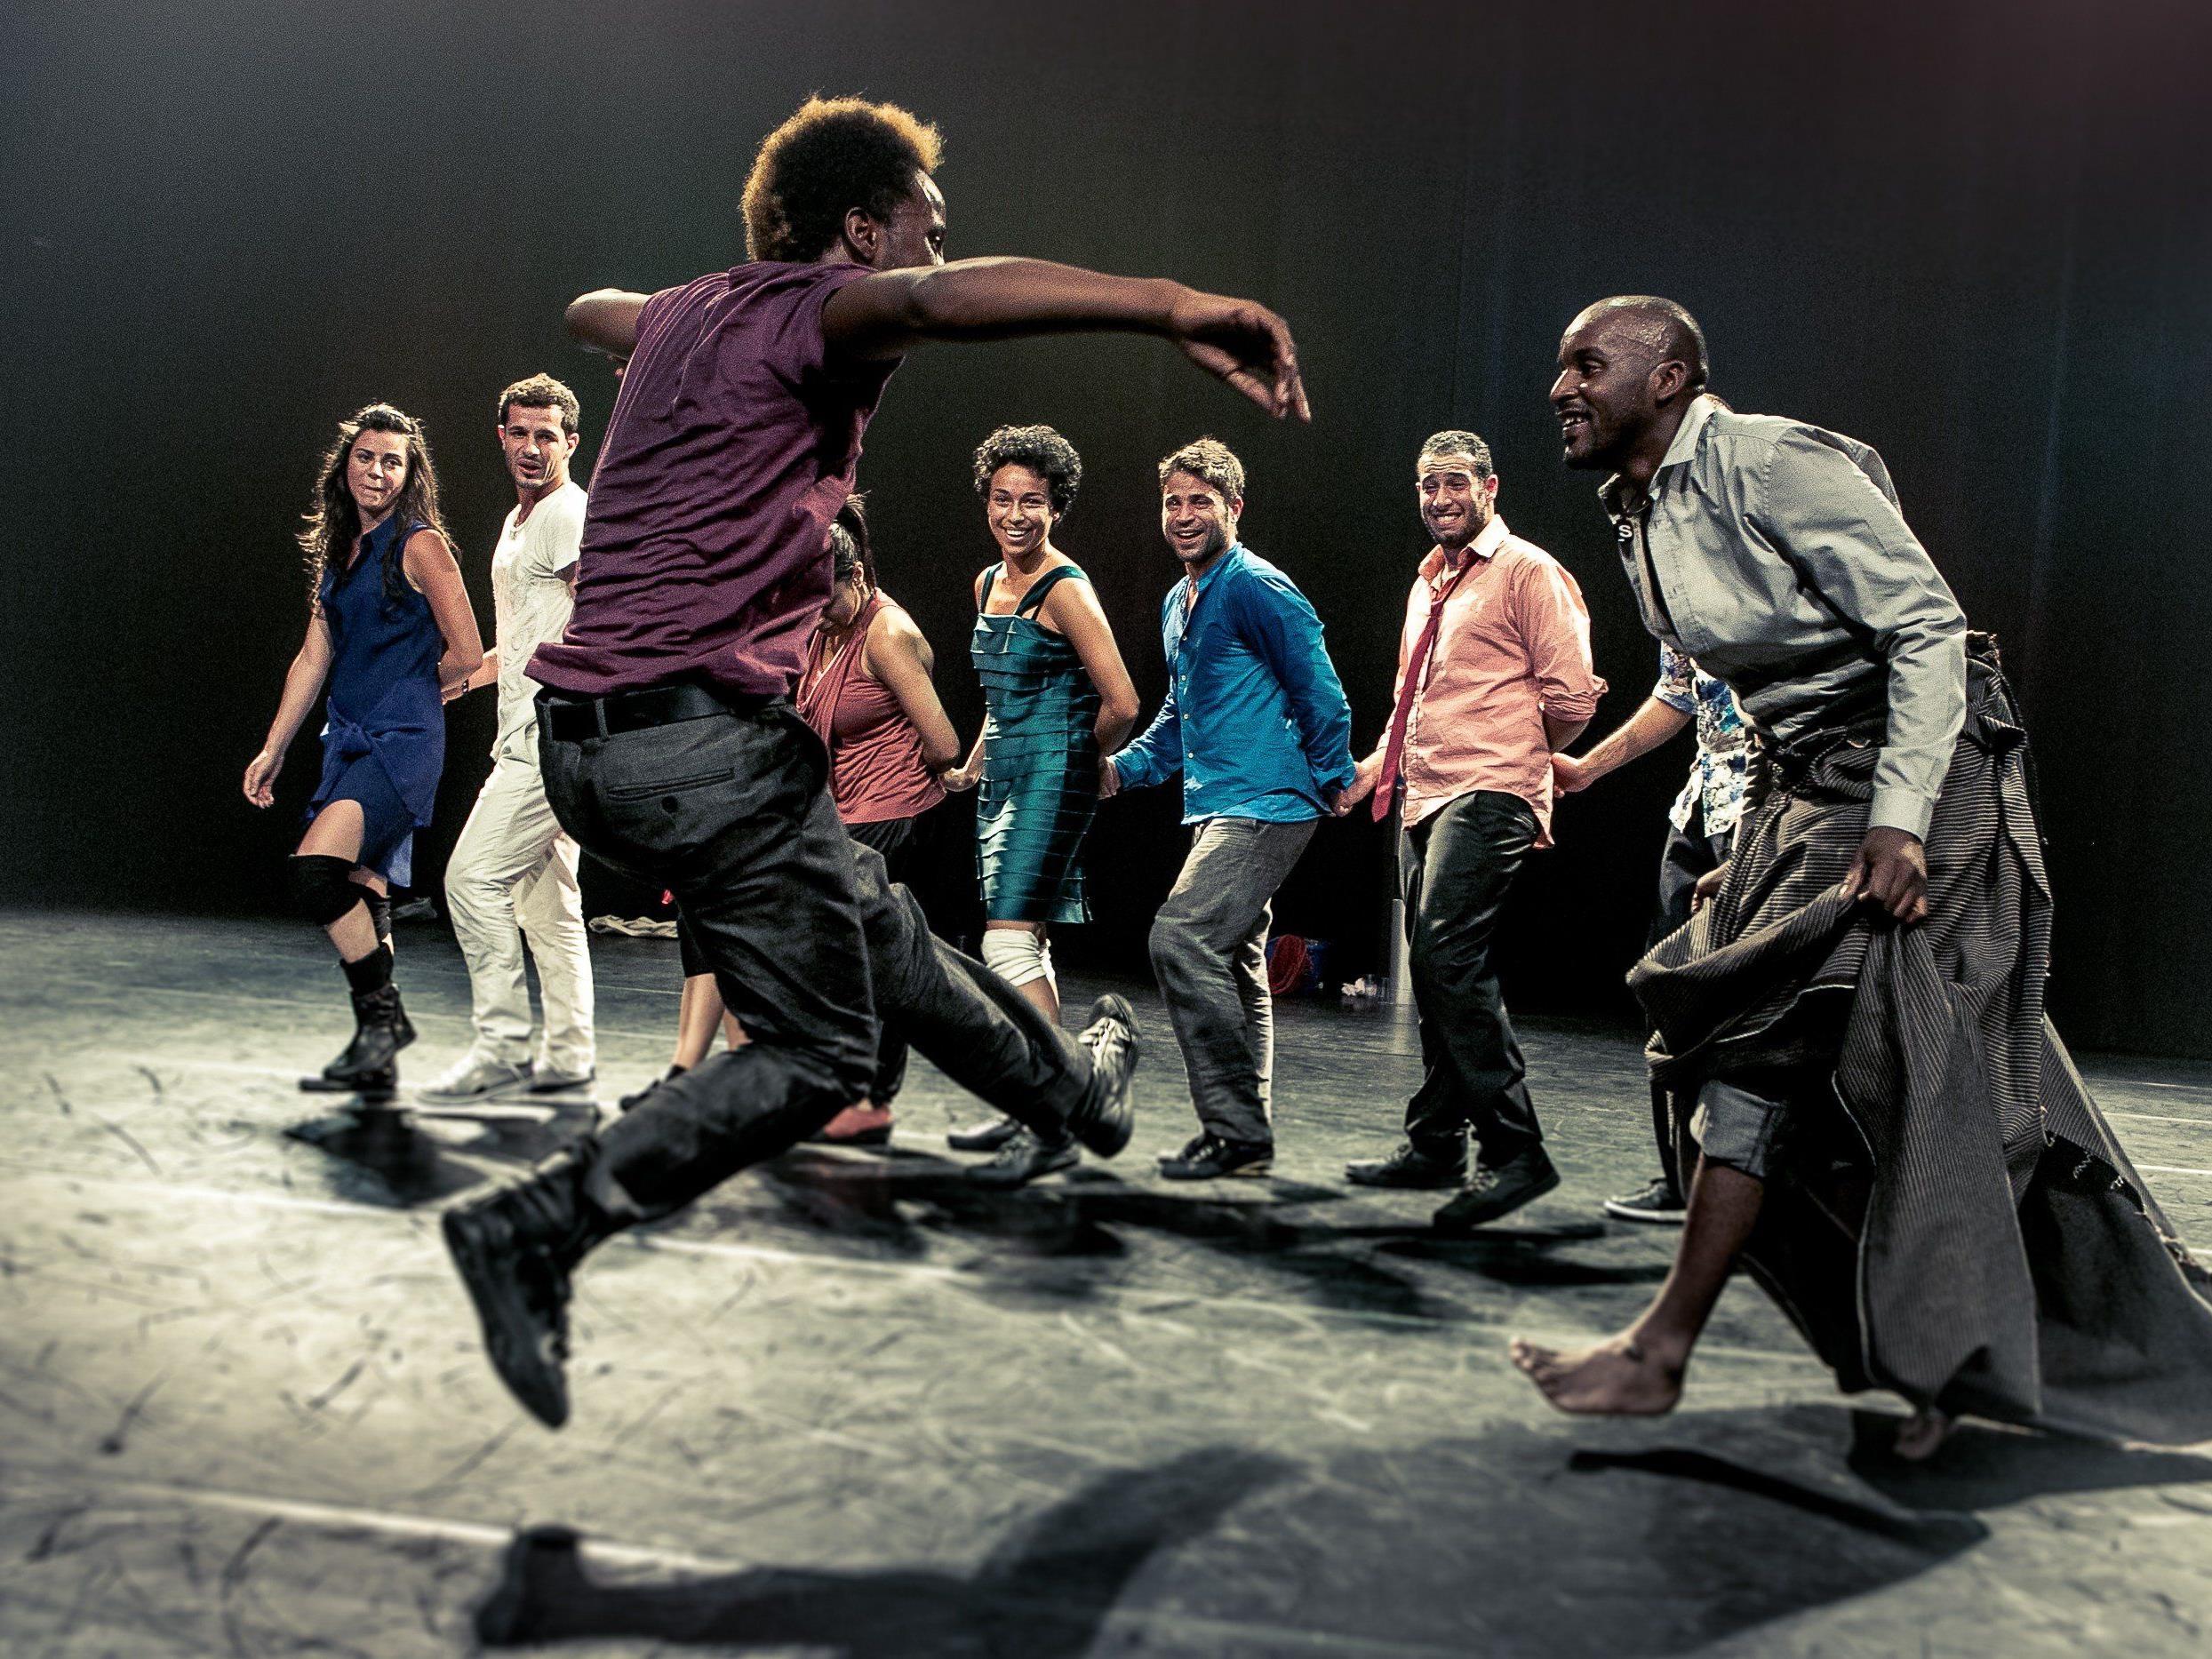 """Das Tanzspektakel """"Badke"""" der belgischen Kompanie Les Ballets C de la B sprudelt vor Lebensfreude und Energie."""